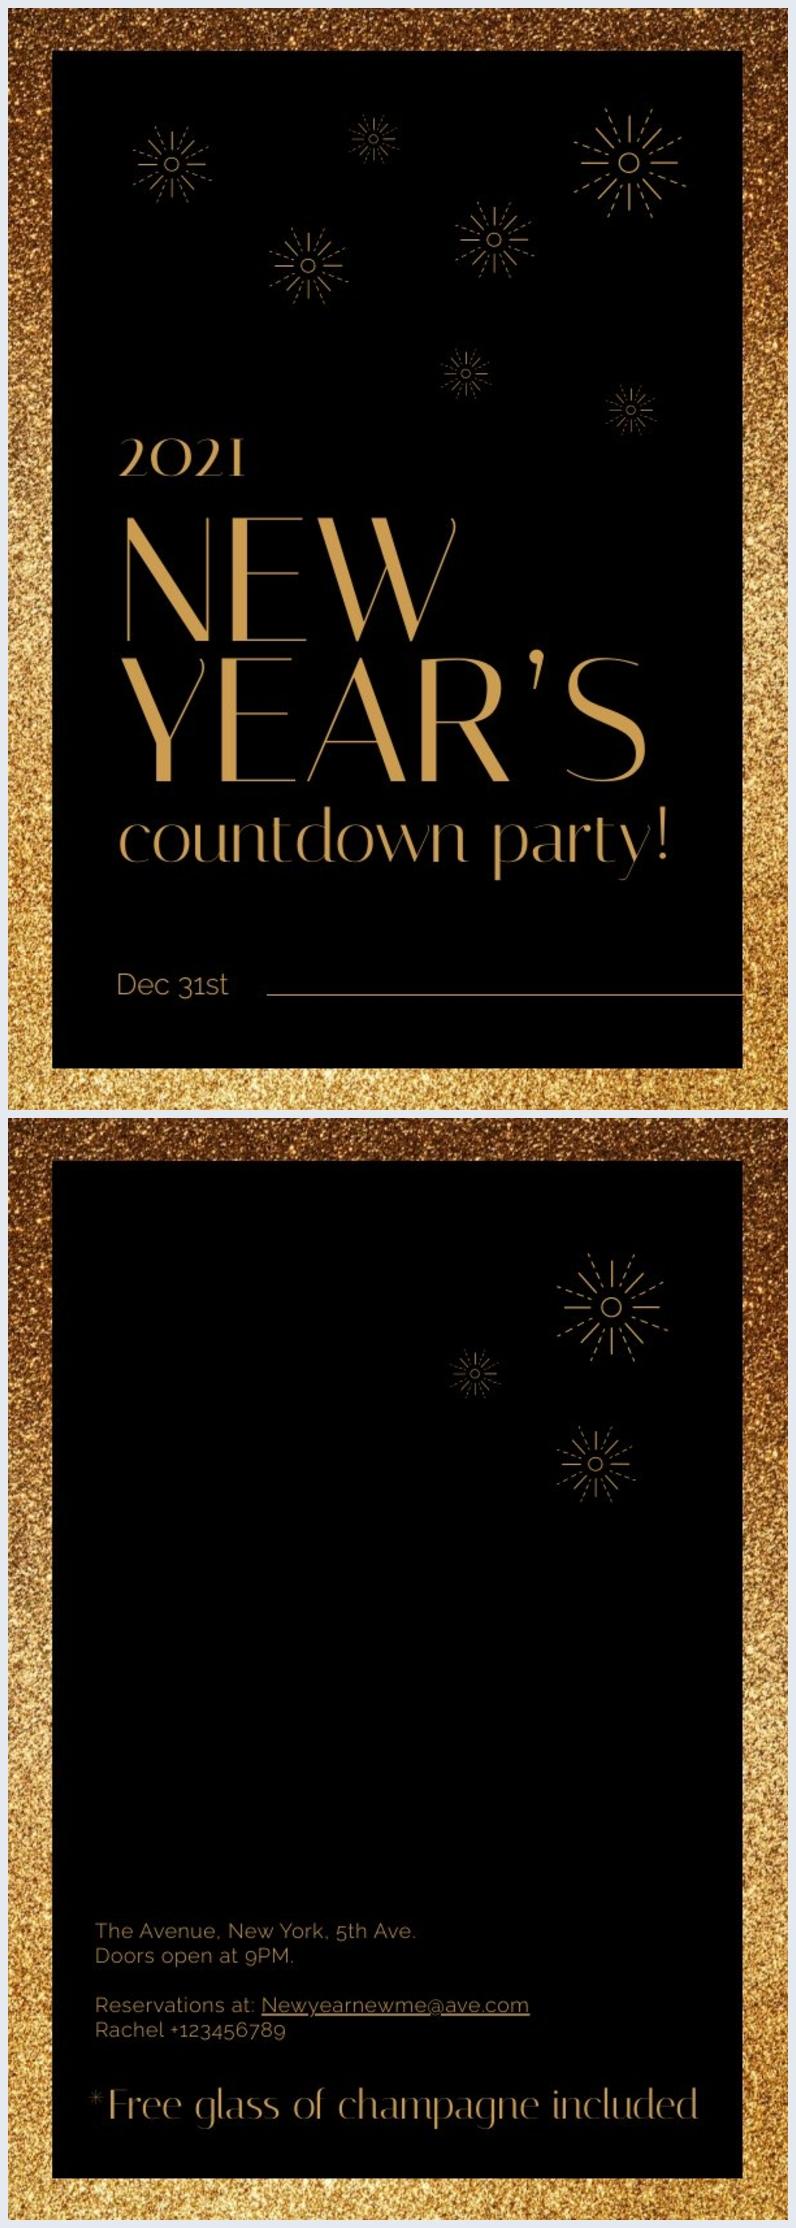 Grafica sgargiante per invito alla festa di Capodanno